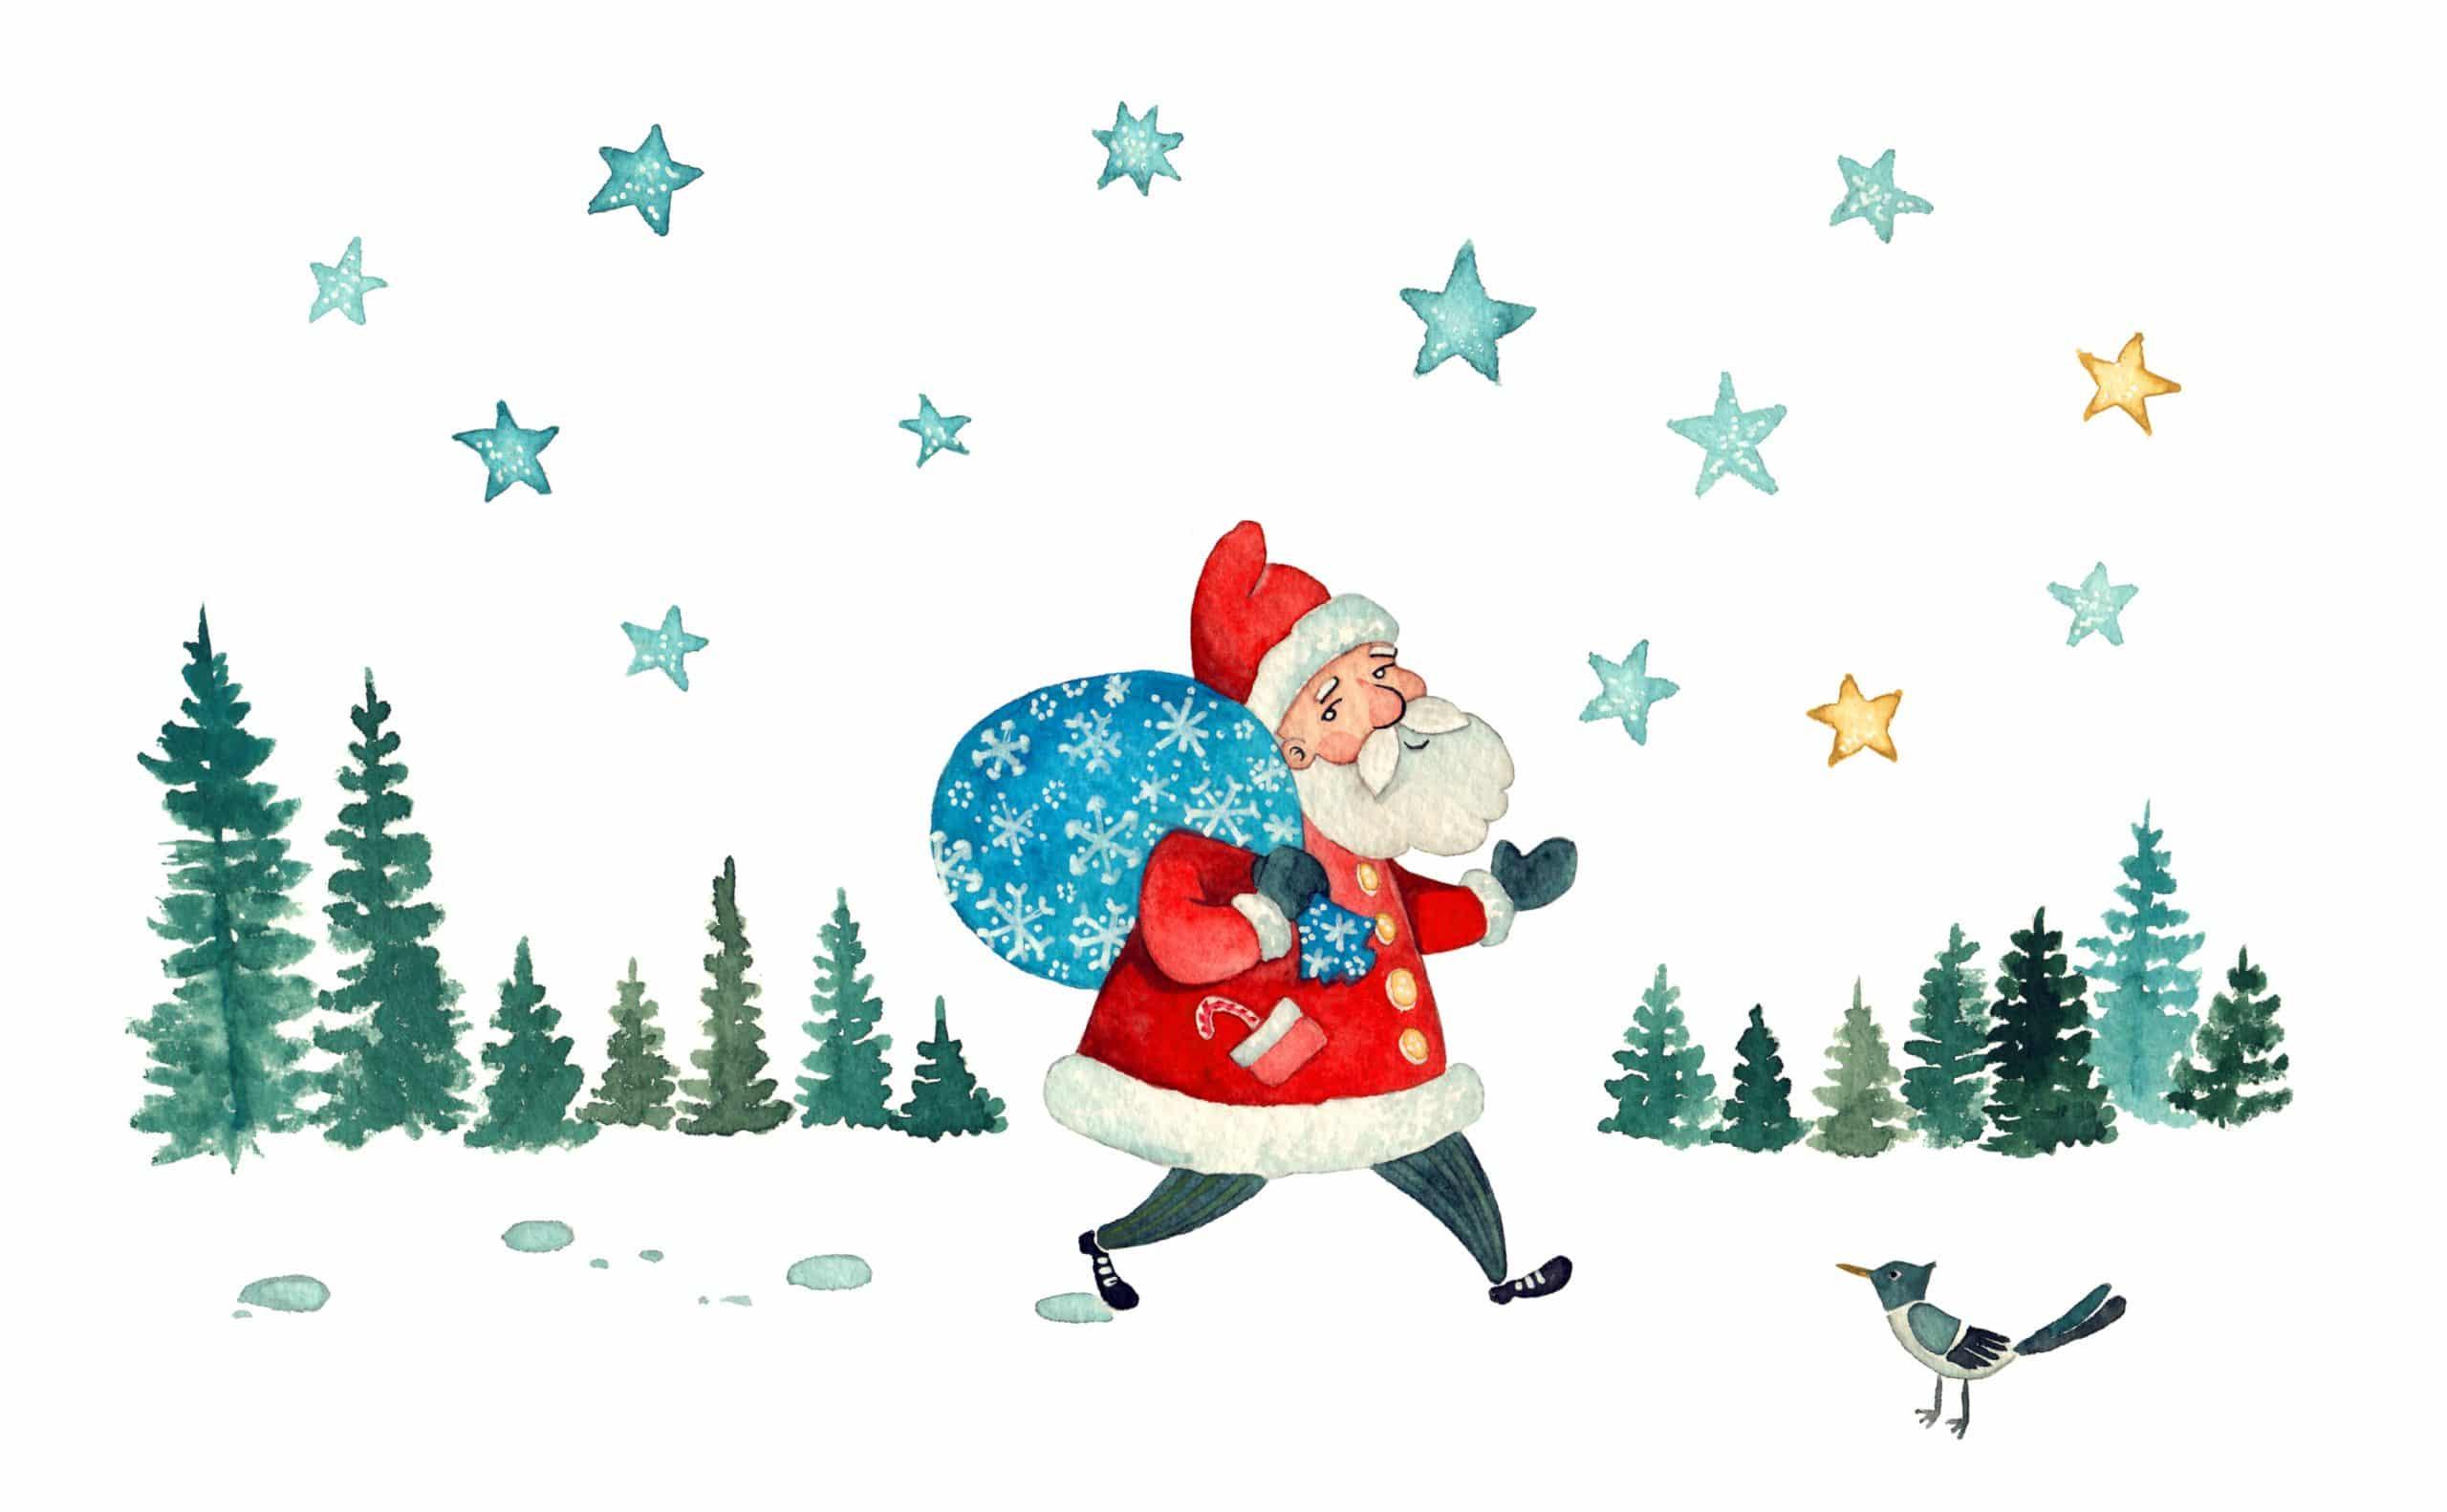 Der Weihnachtsmann zieht um das Haus